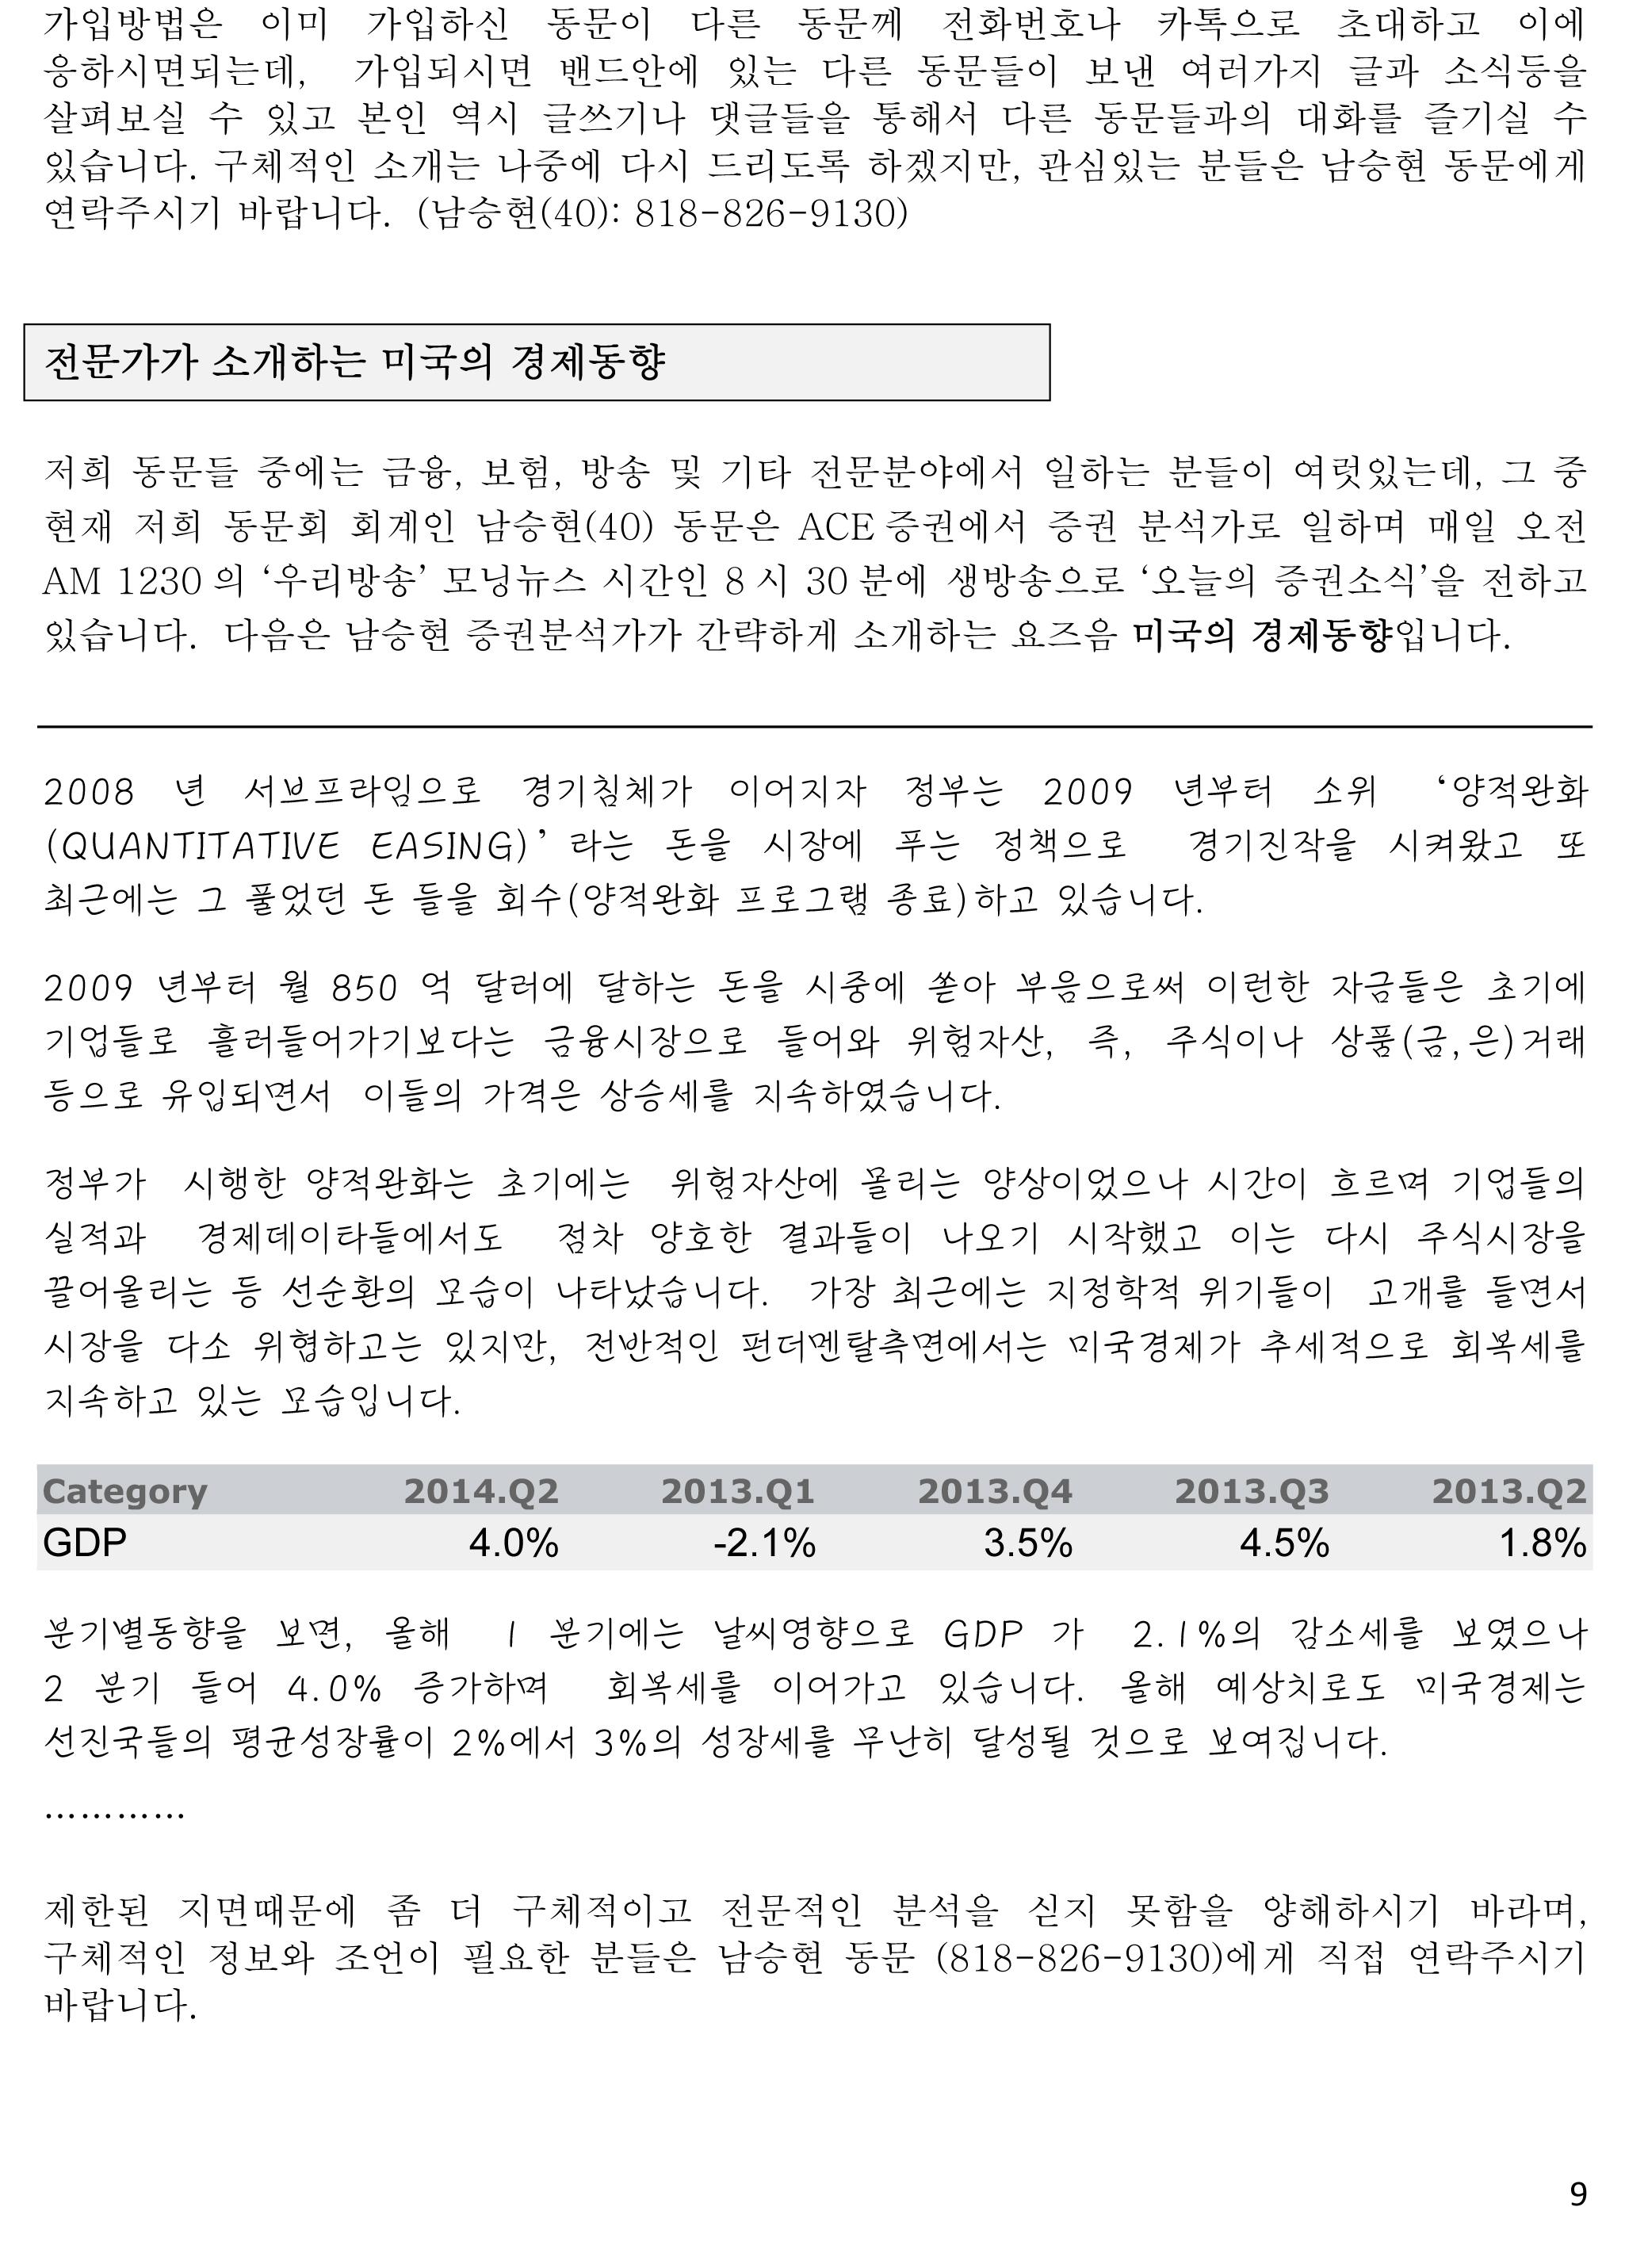 SN_Newsletter_-_September,_2014-9.jpg